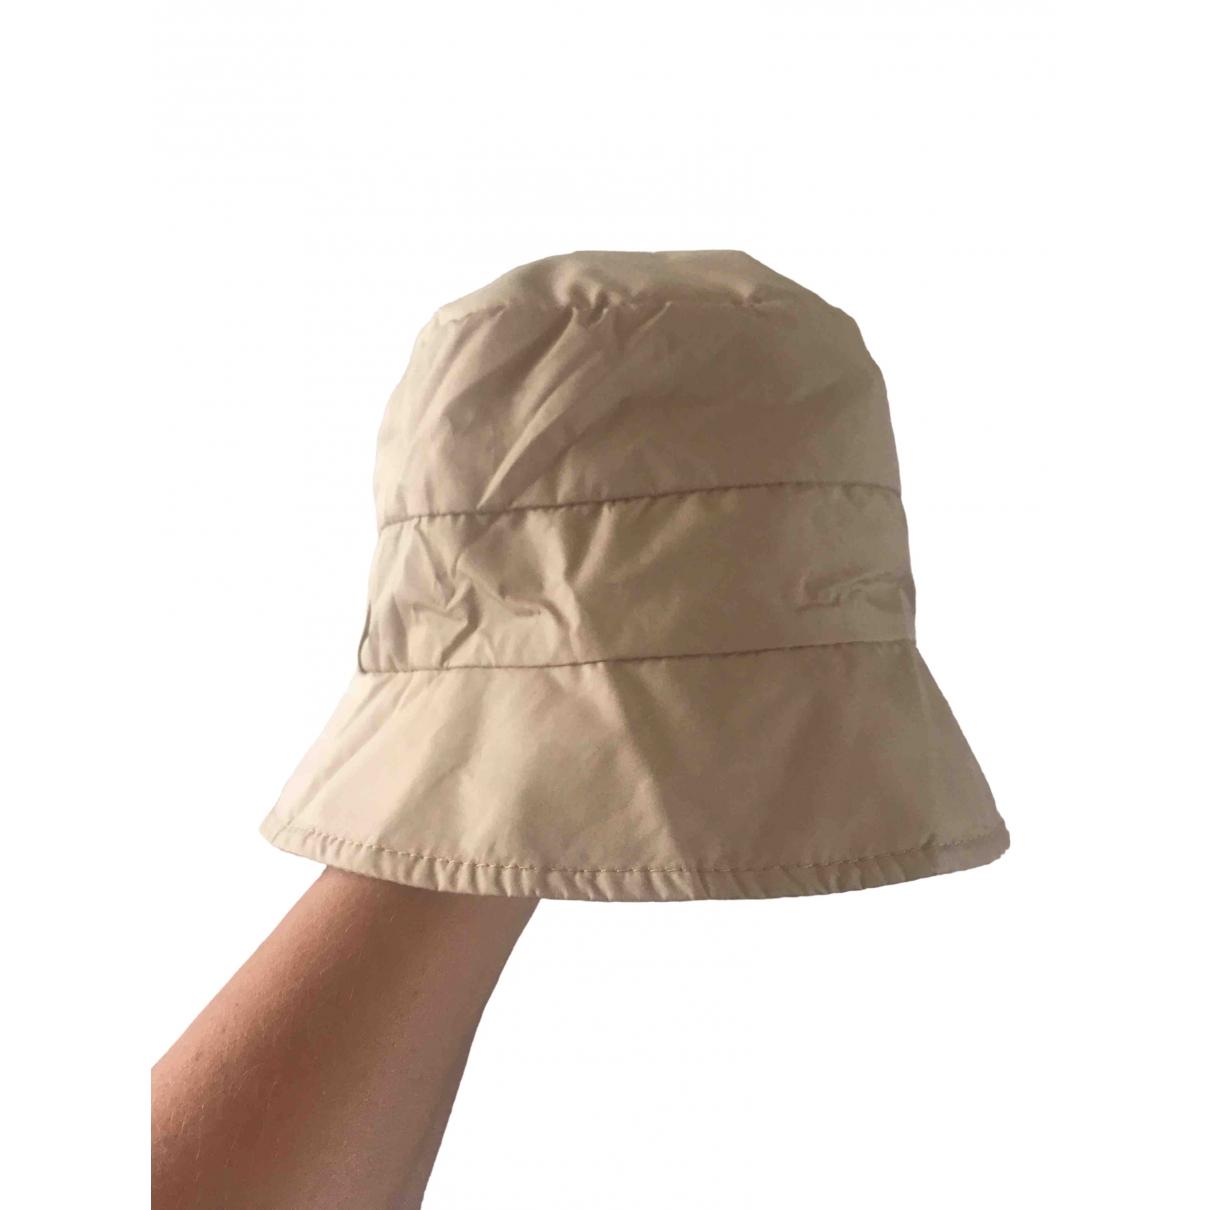 Faconnable - Chapeau & Bonnets   pour homme - beige